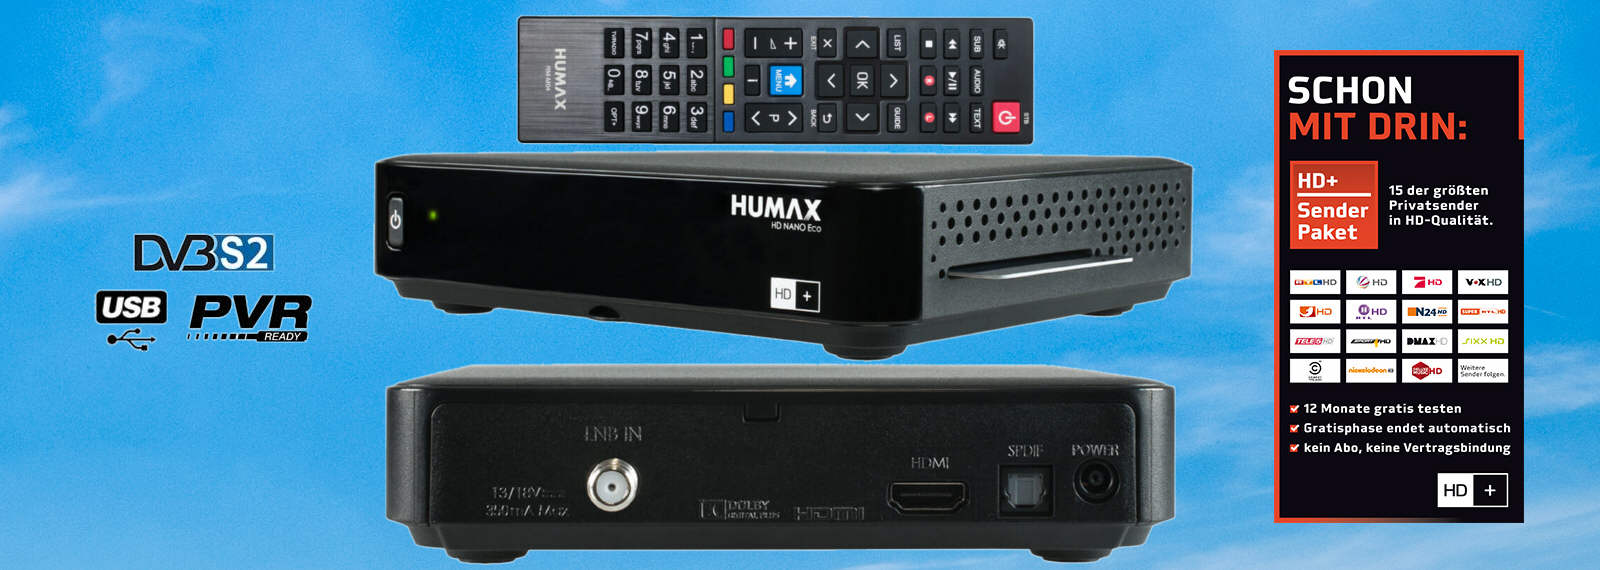 HUMAX HD Nano Eco 6 Monate HD+ Karte